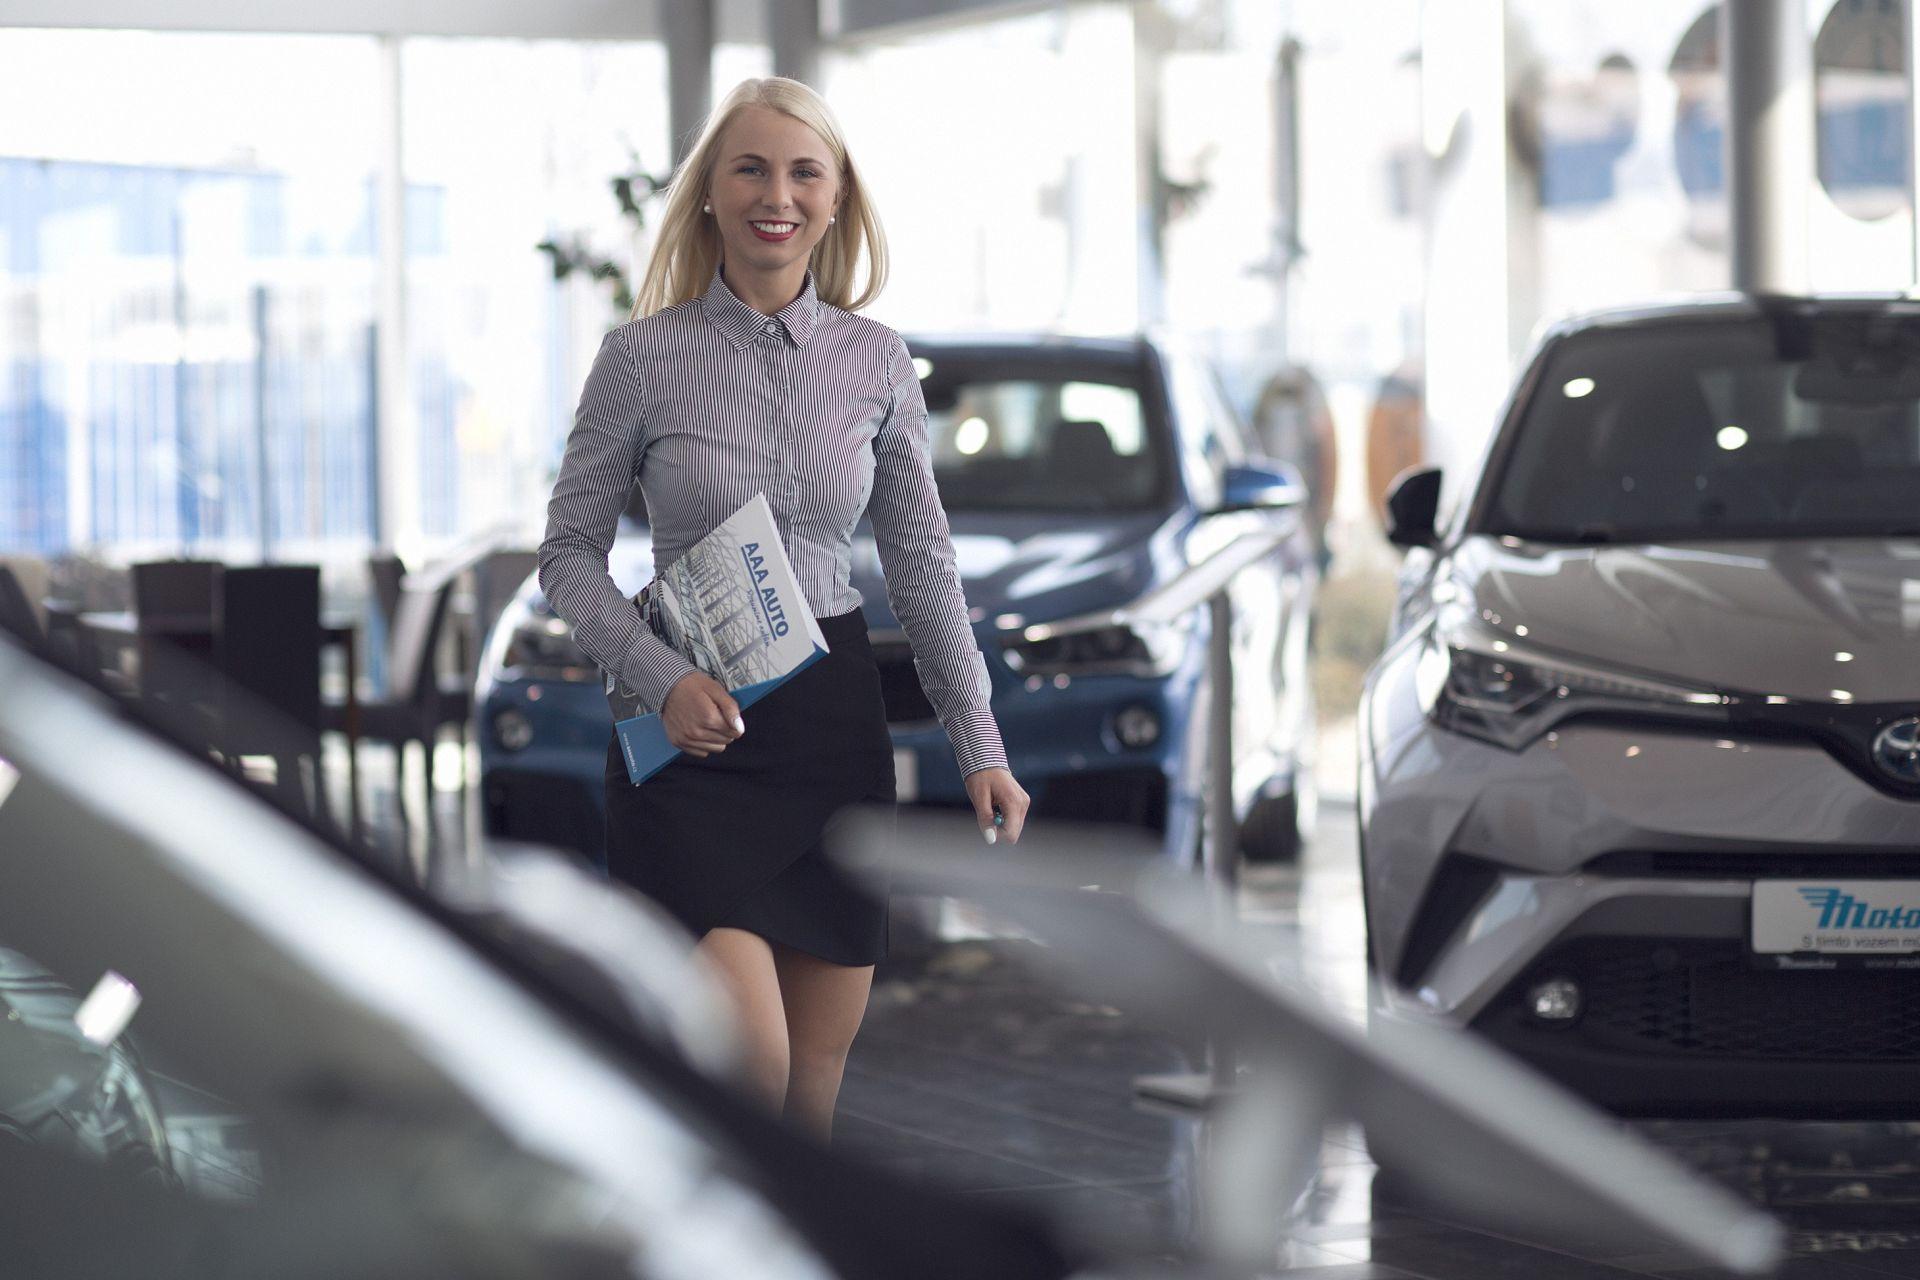 Pobočka AAA Auto, ilustrační foto. Pramen: Aures Holdings